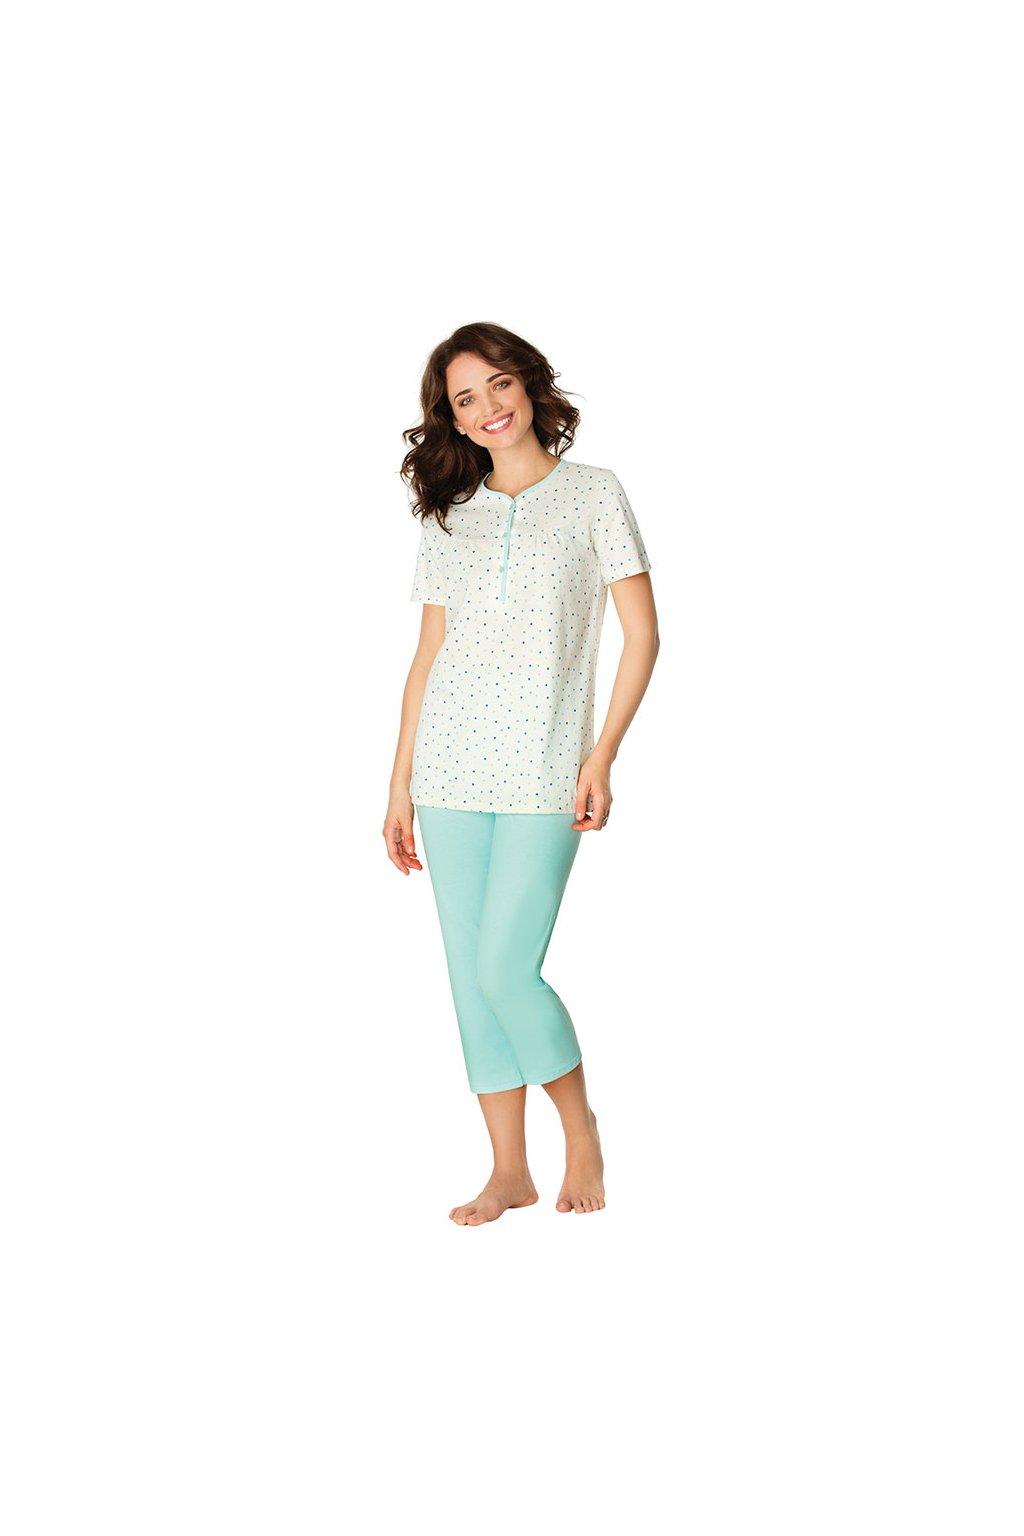 Dámské pyžamo s krátkým rukávem a 3/4 nohavicemi, 104447 921, béžová